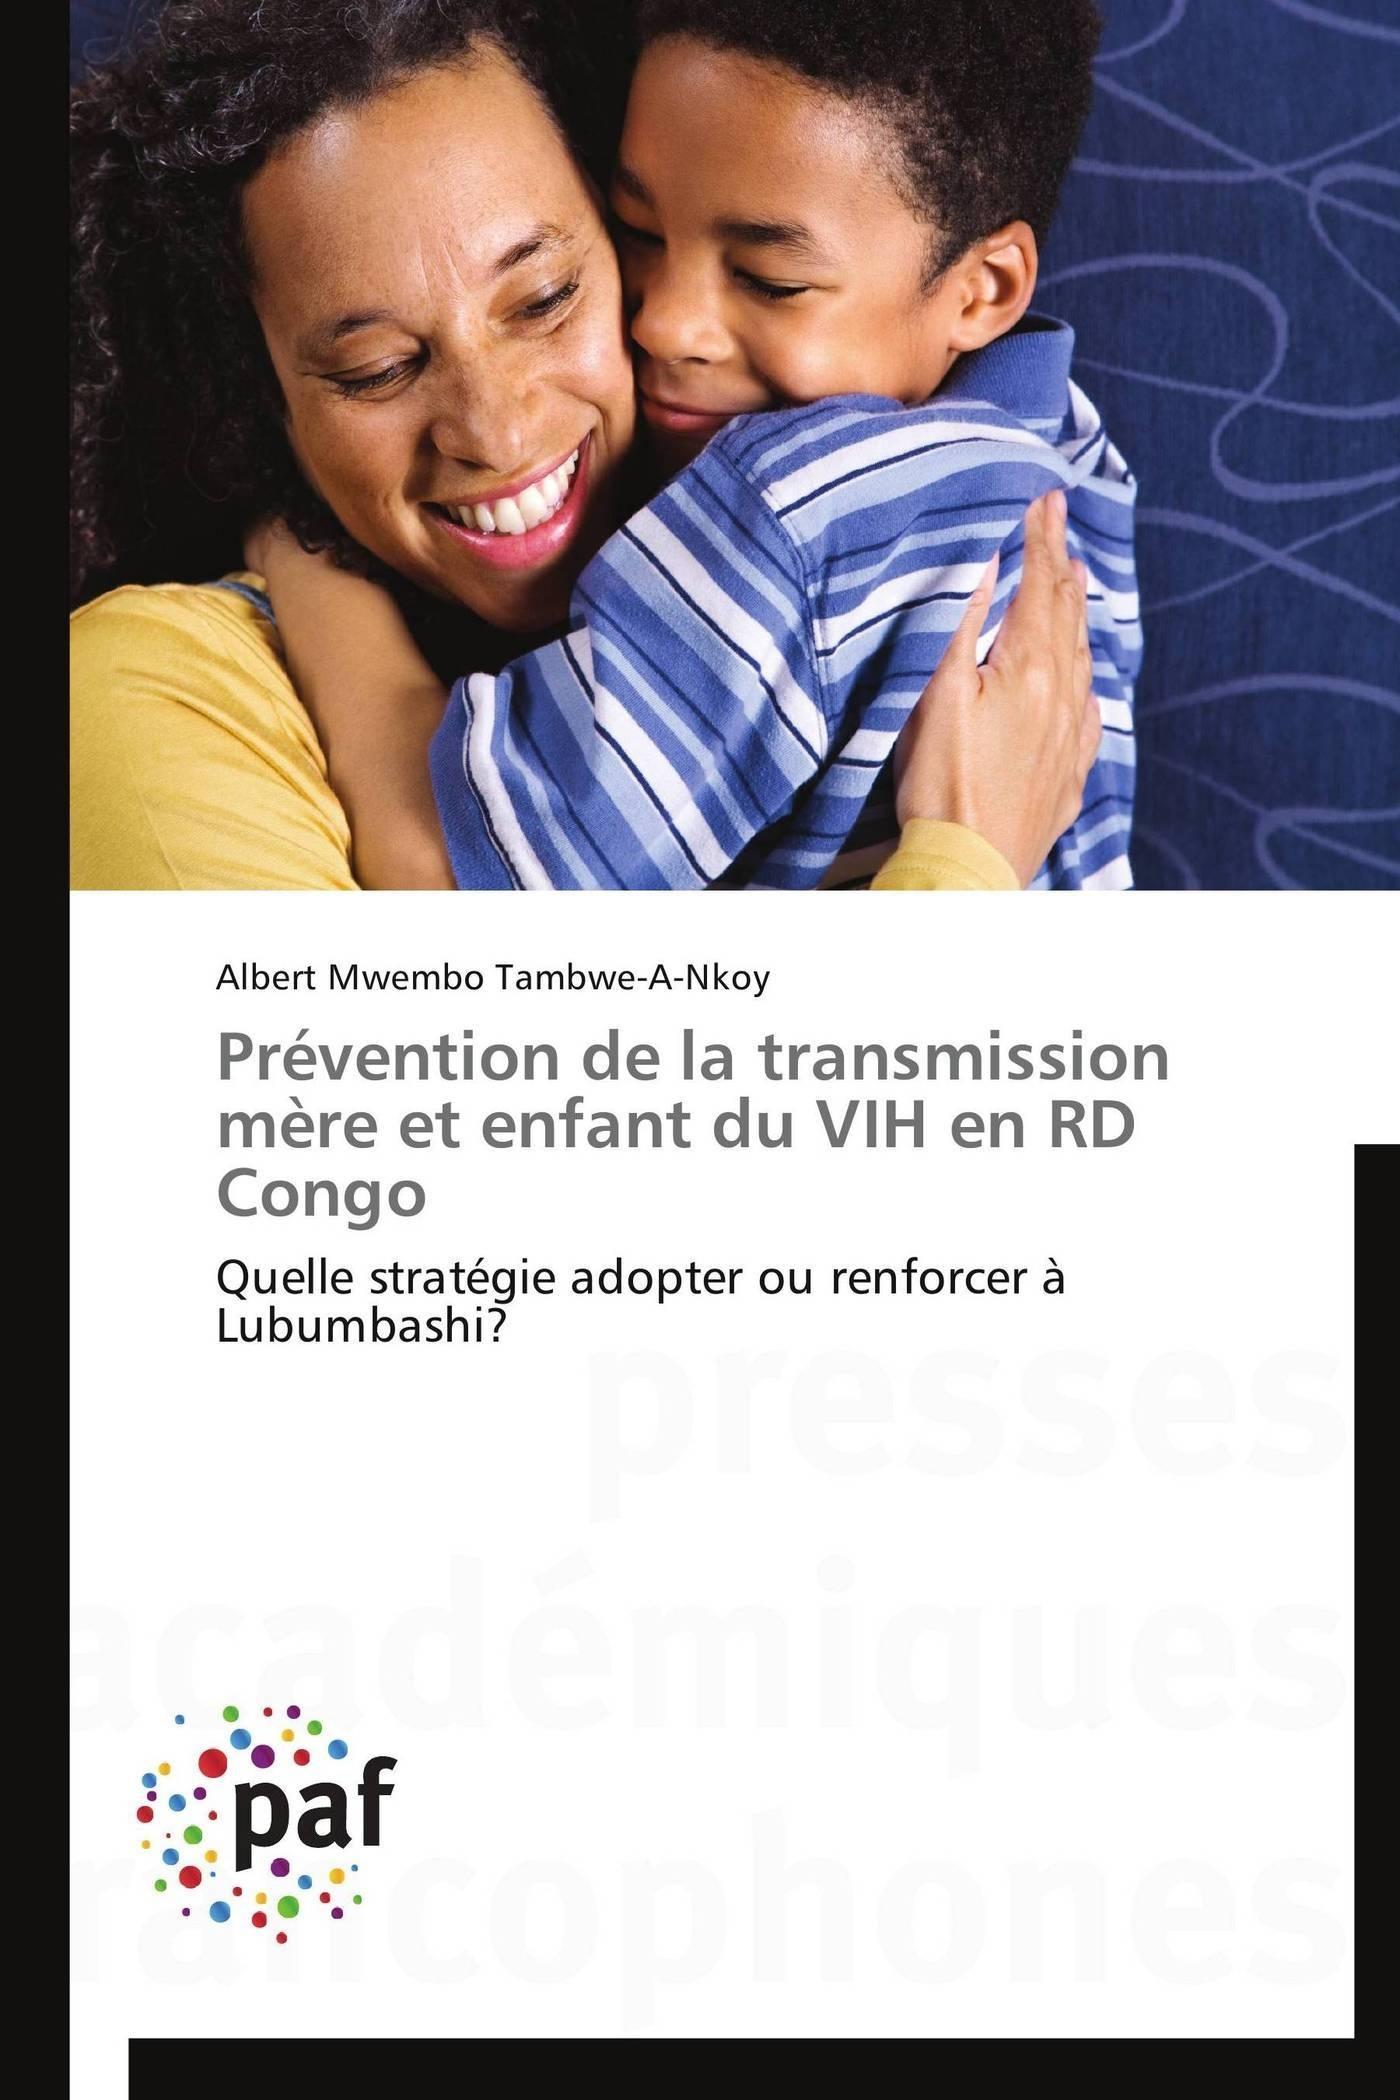 PREVENTION DE LA TRANSMISSION MERE ET ENFANT DU VIH EN RD CONGO